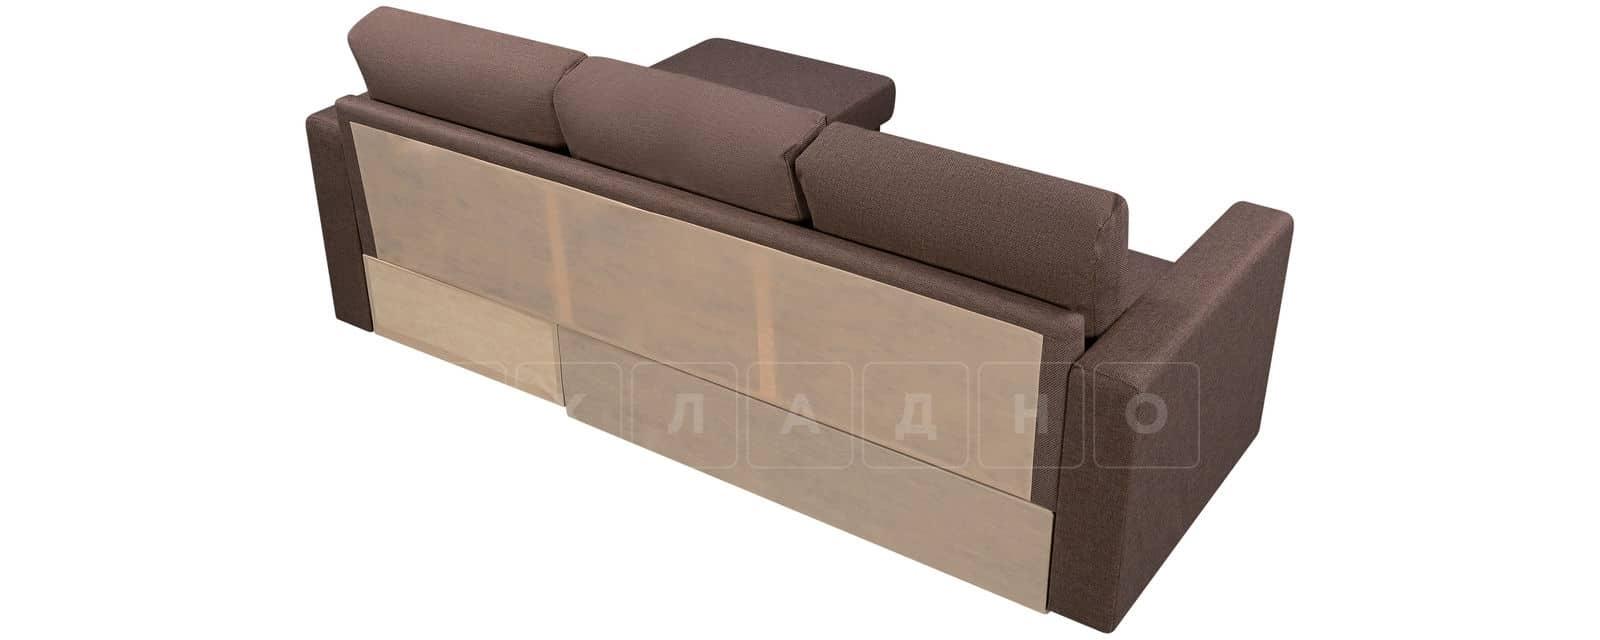 Угловой диван Турин коричневый фото 3 | интернет-магазин Складно